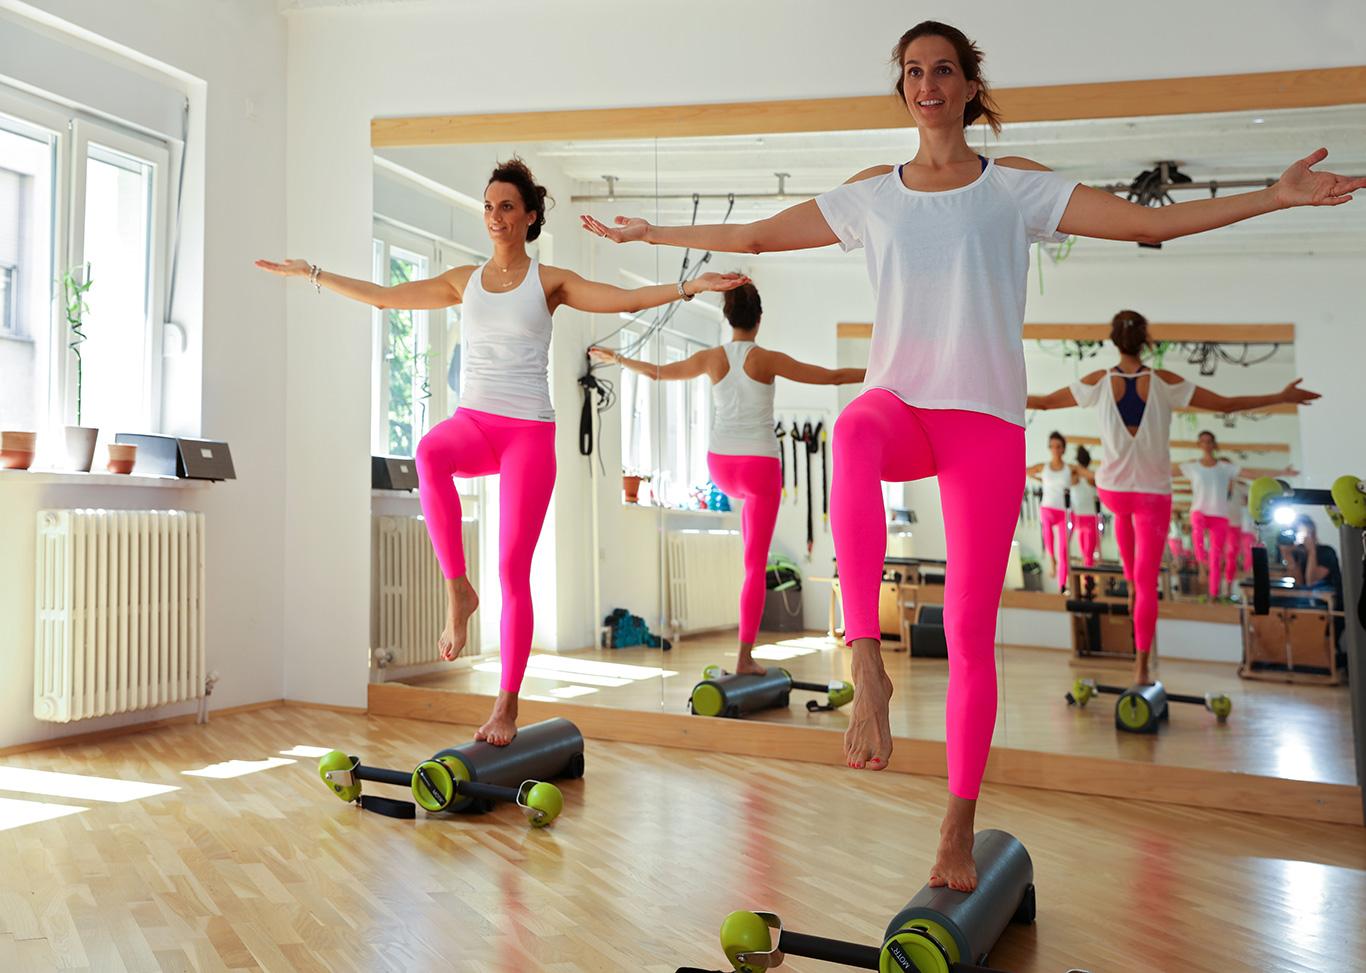 lehetséges-e Pilates hipertóniával foglalkozni